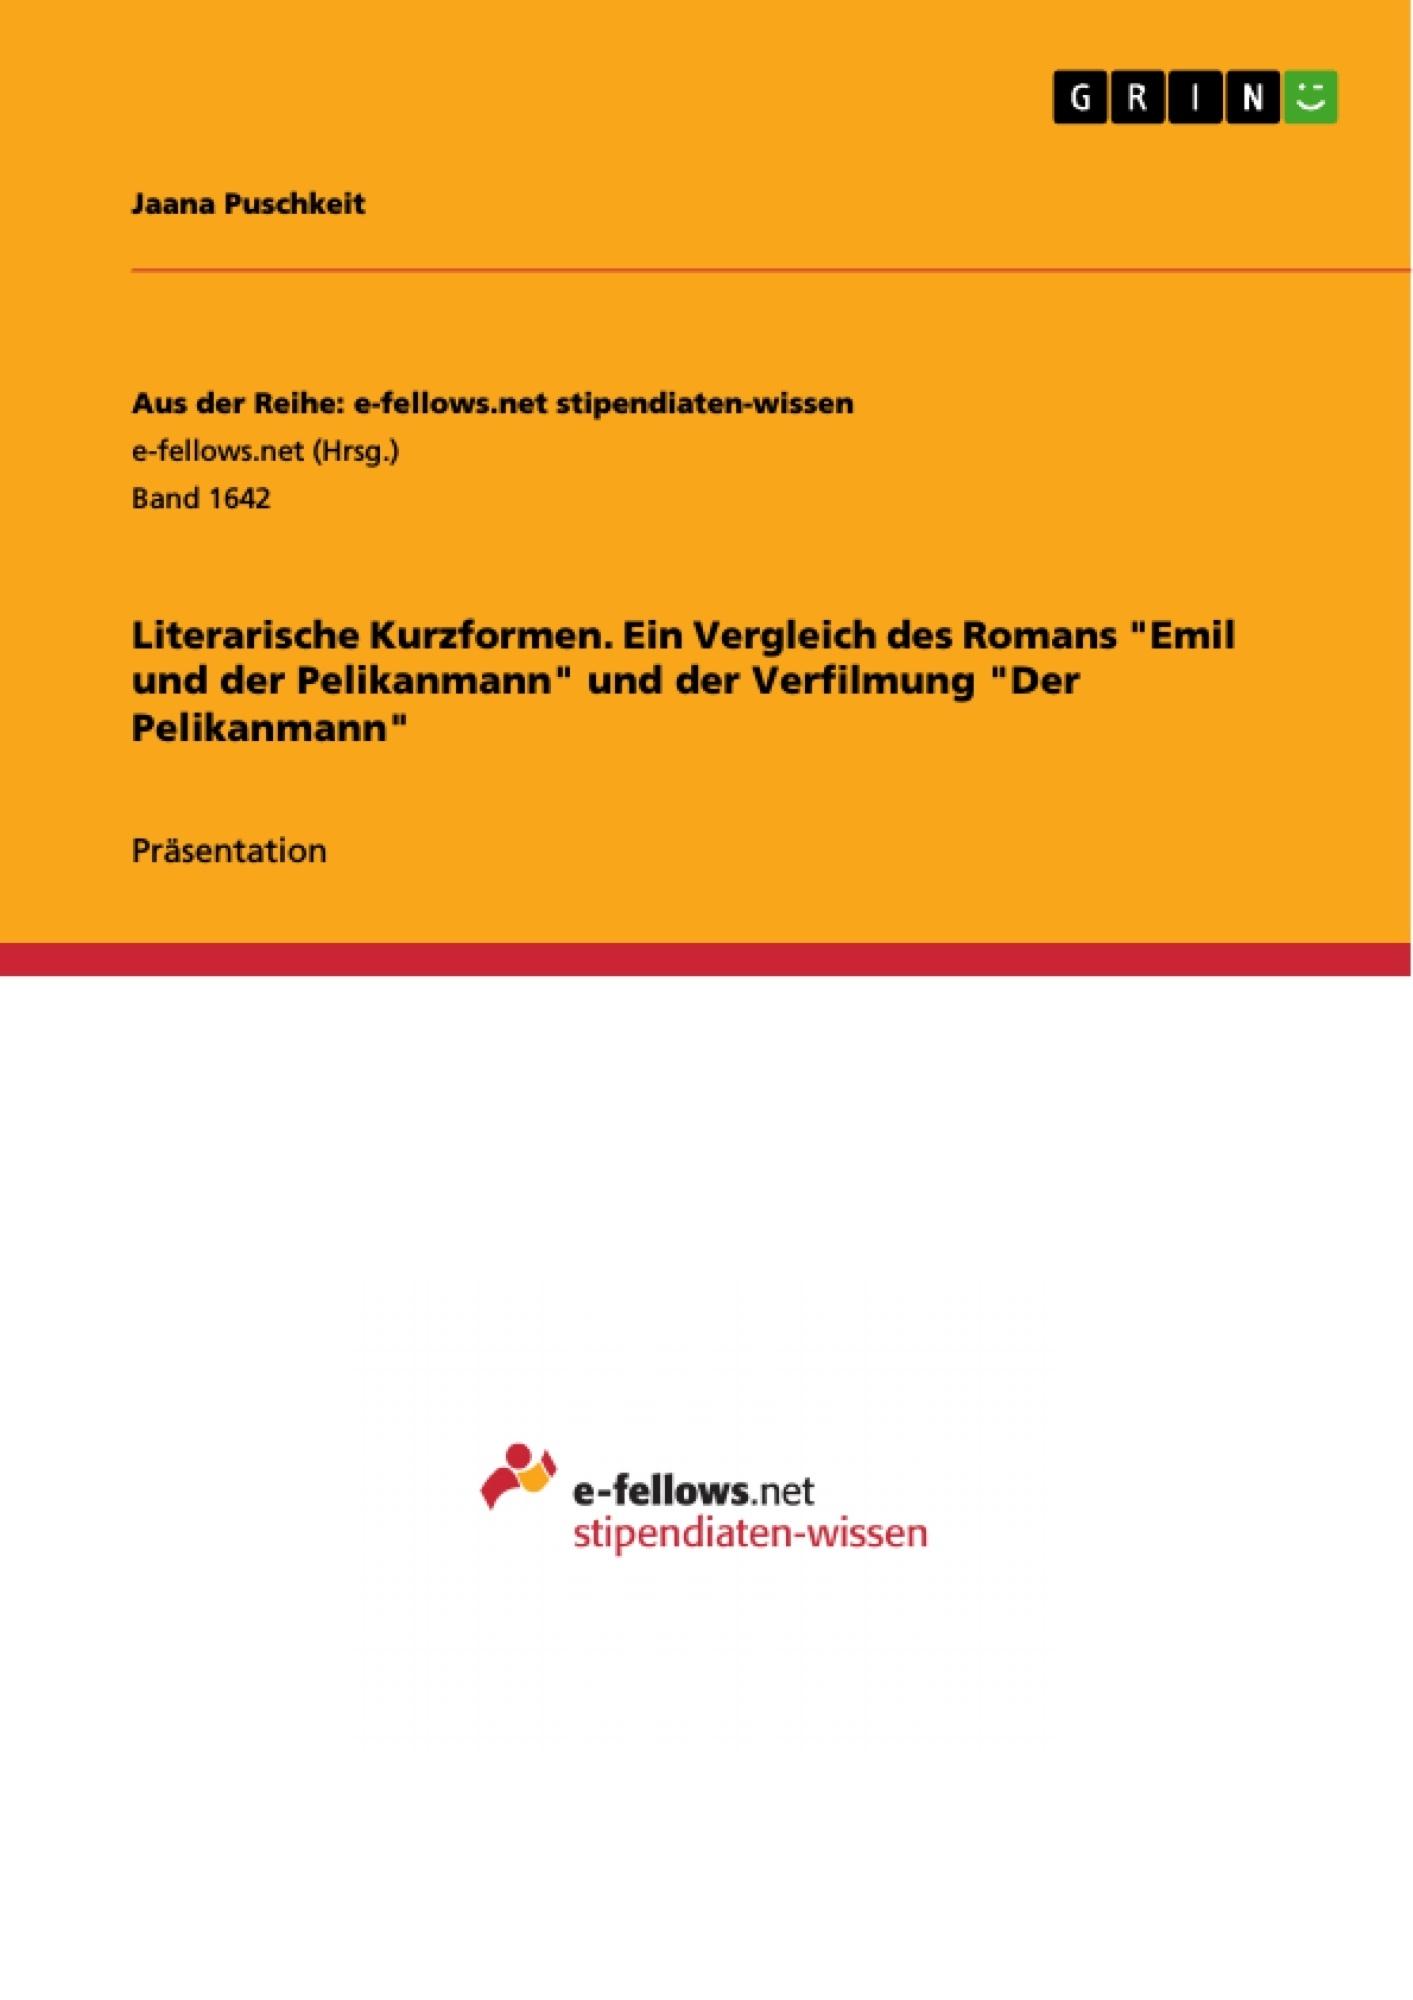 """Titel: Literarische Kurzformen. Ein Vergleich des Romans """"Emil und der Pelikanmann"""" und der Verfilmung """"Der Pelikanmann"""""""